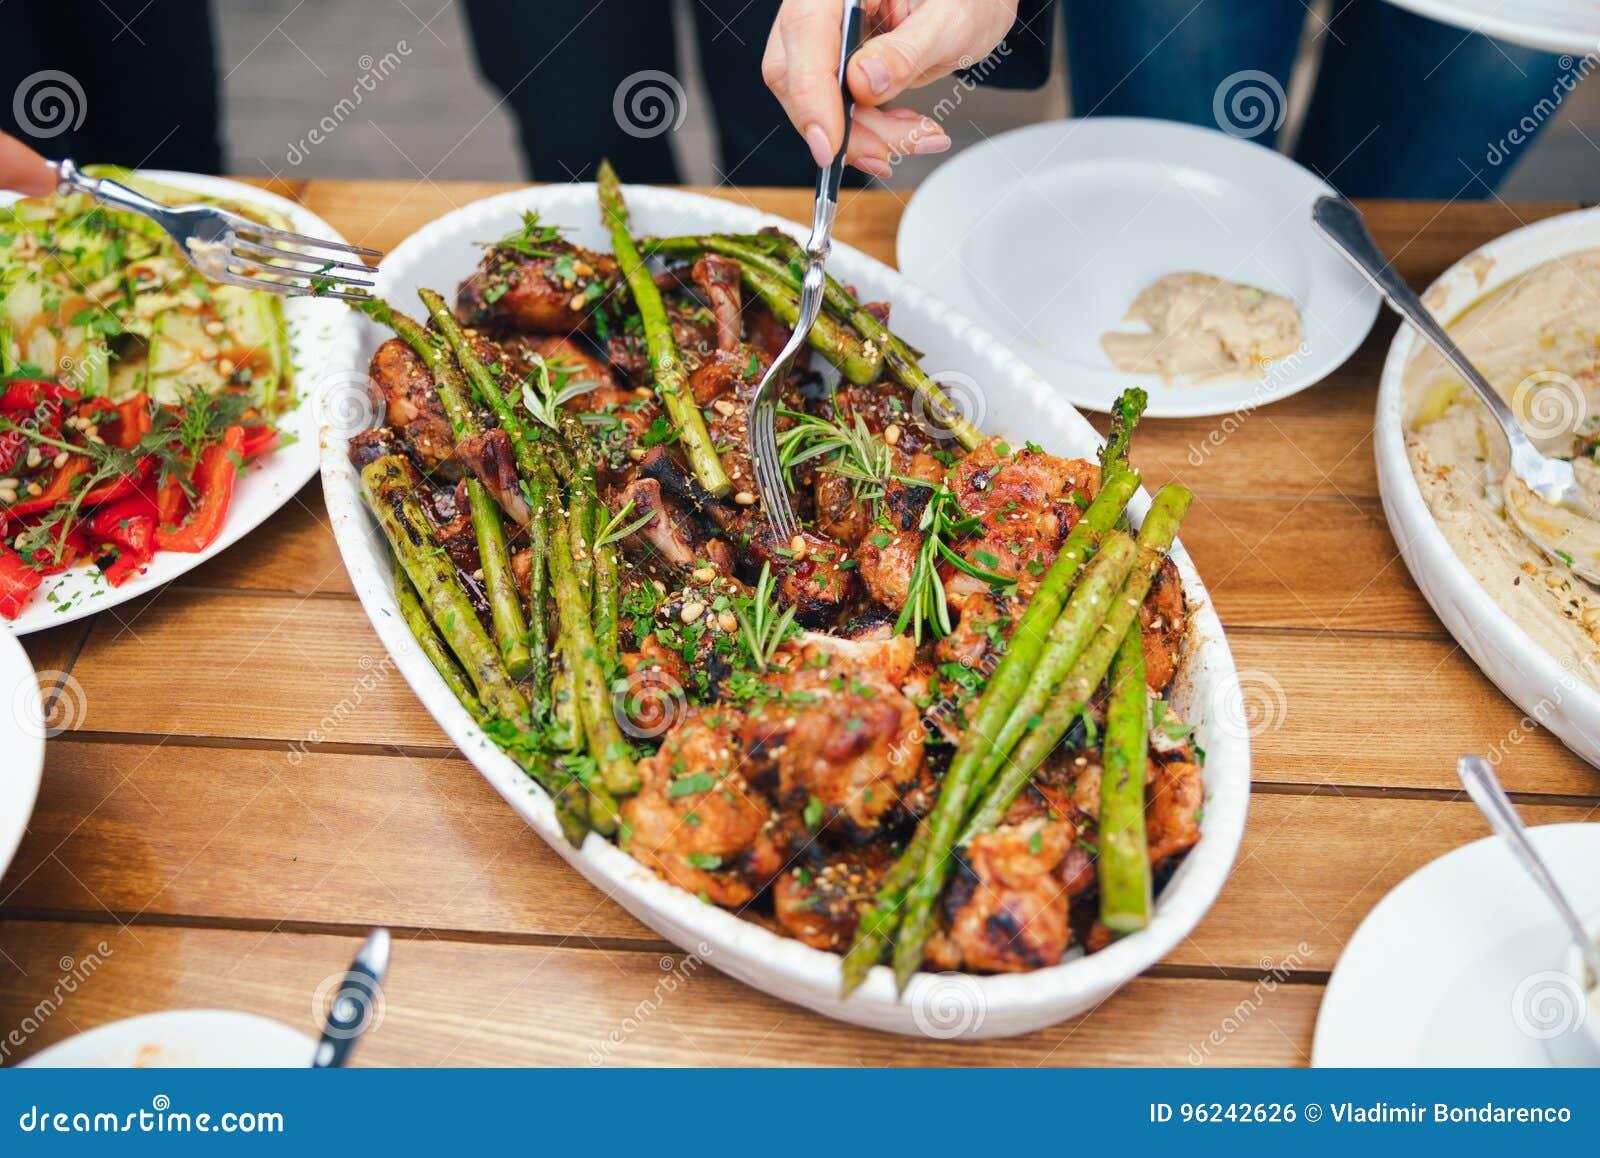 Руки женщин складывают еда в плите обеда Концепция питания buffed Питание обед Концепция делить